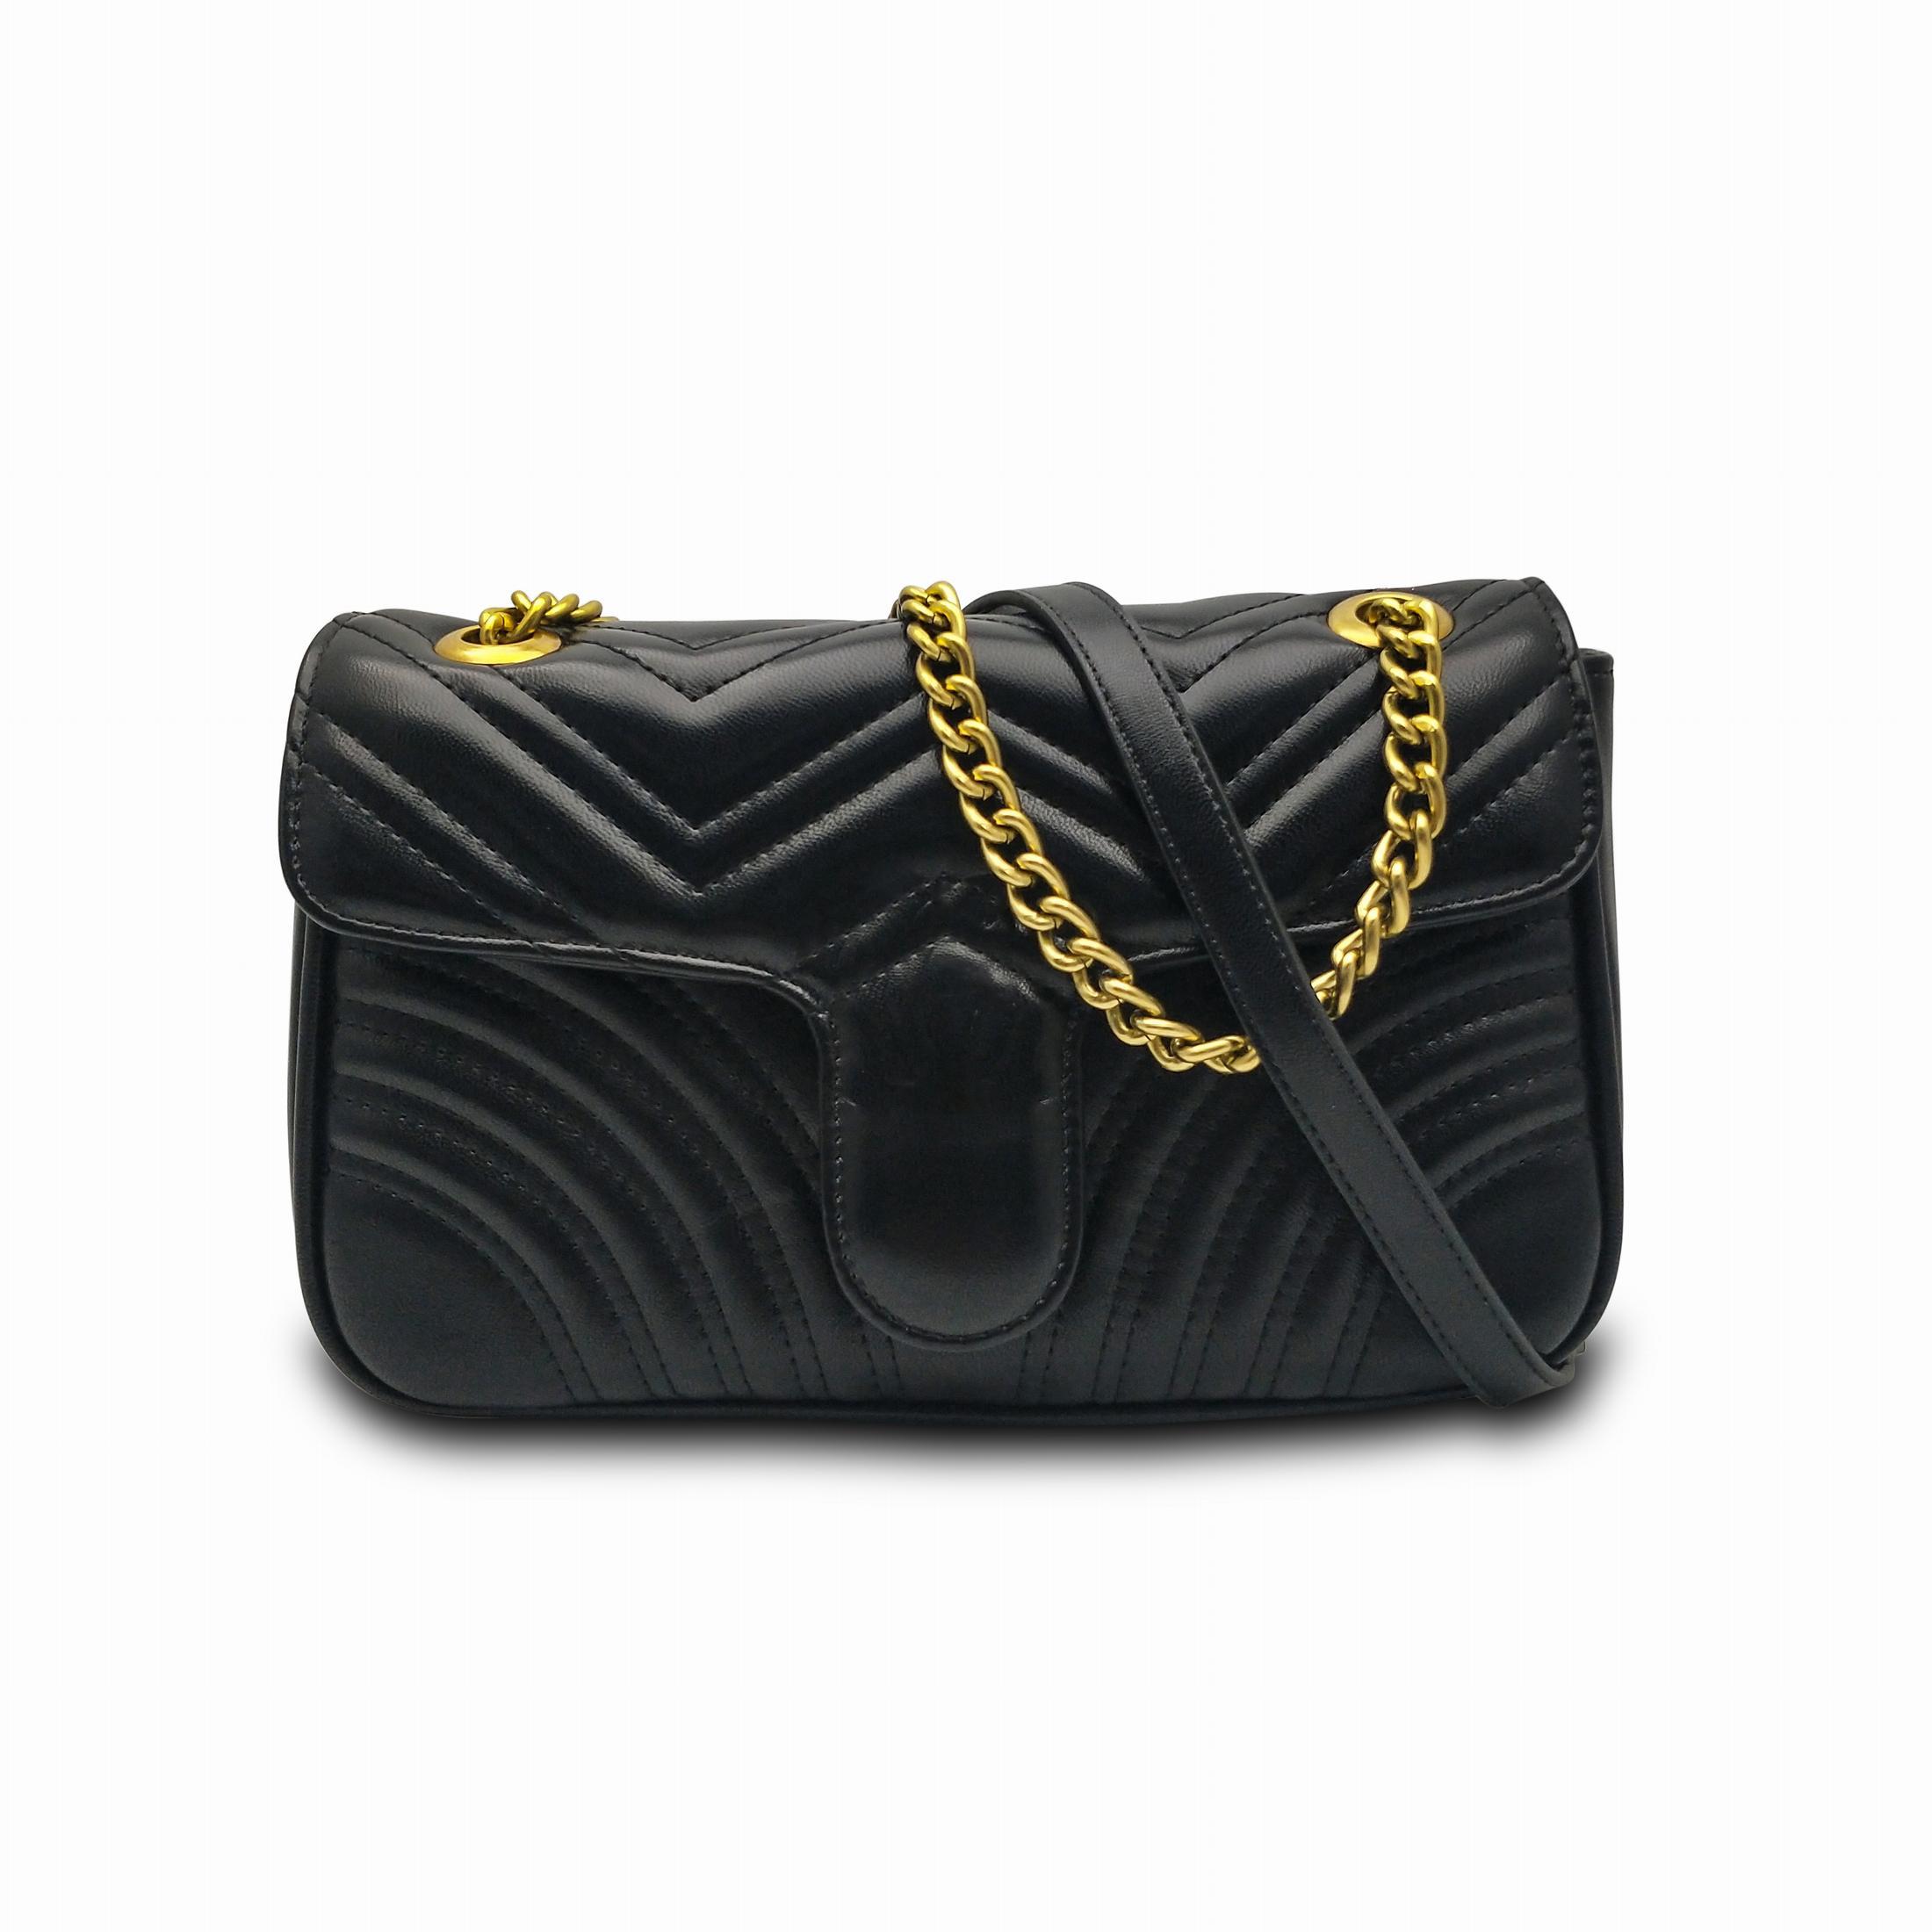 Nouveau sac à bandoulière décoration de la chaîne d'or des femmes sac à main de femme de haute qualité se sentent structuré doucement et une fermeture simple rabat